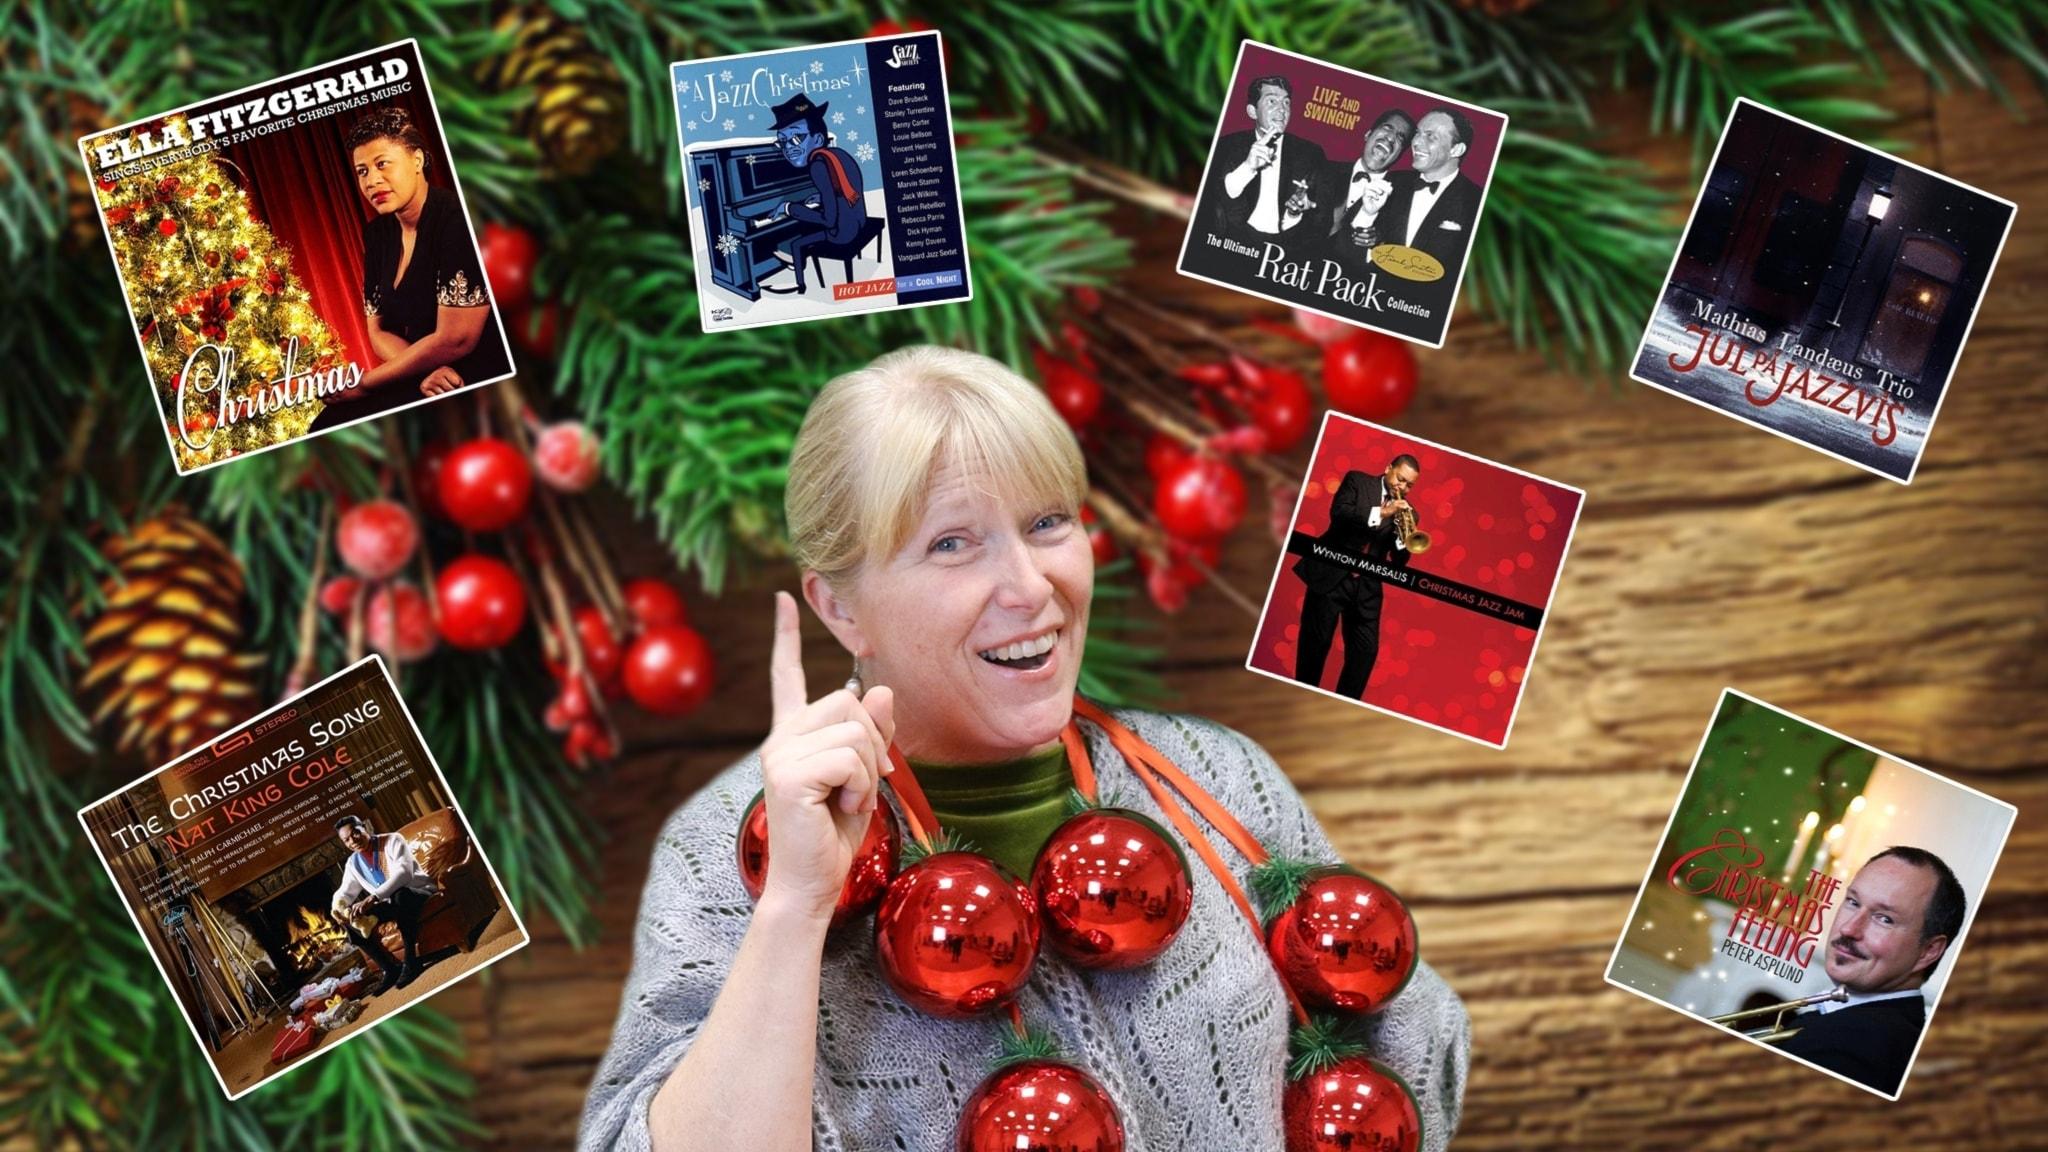 Vi frossar i juljazz - tack för alla tips!